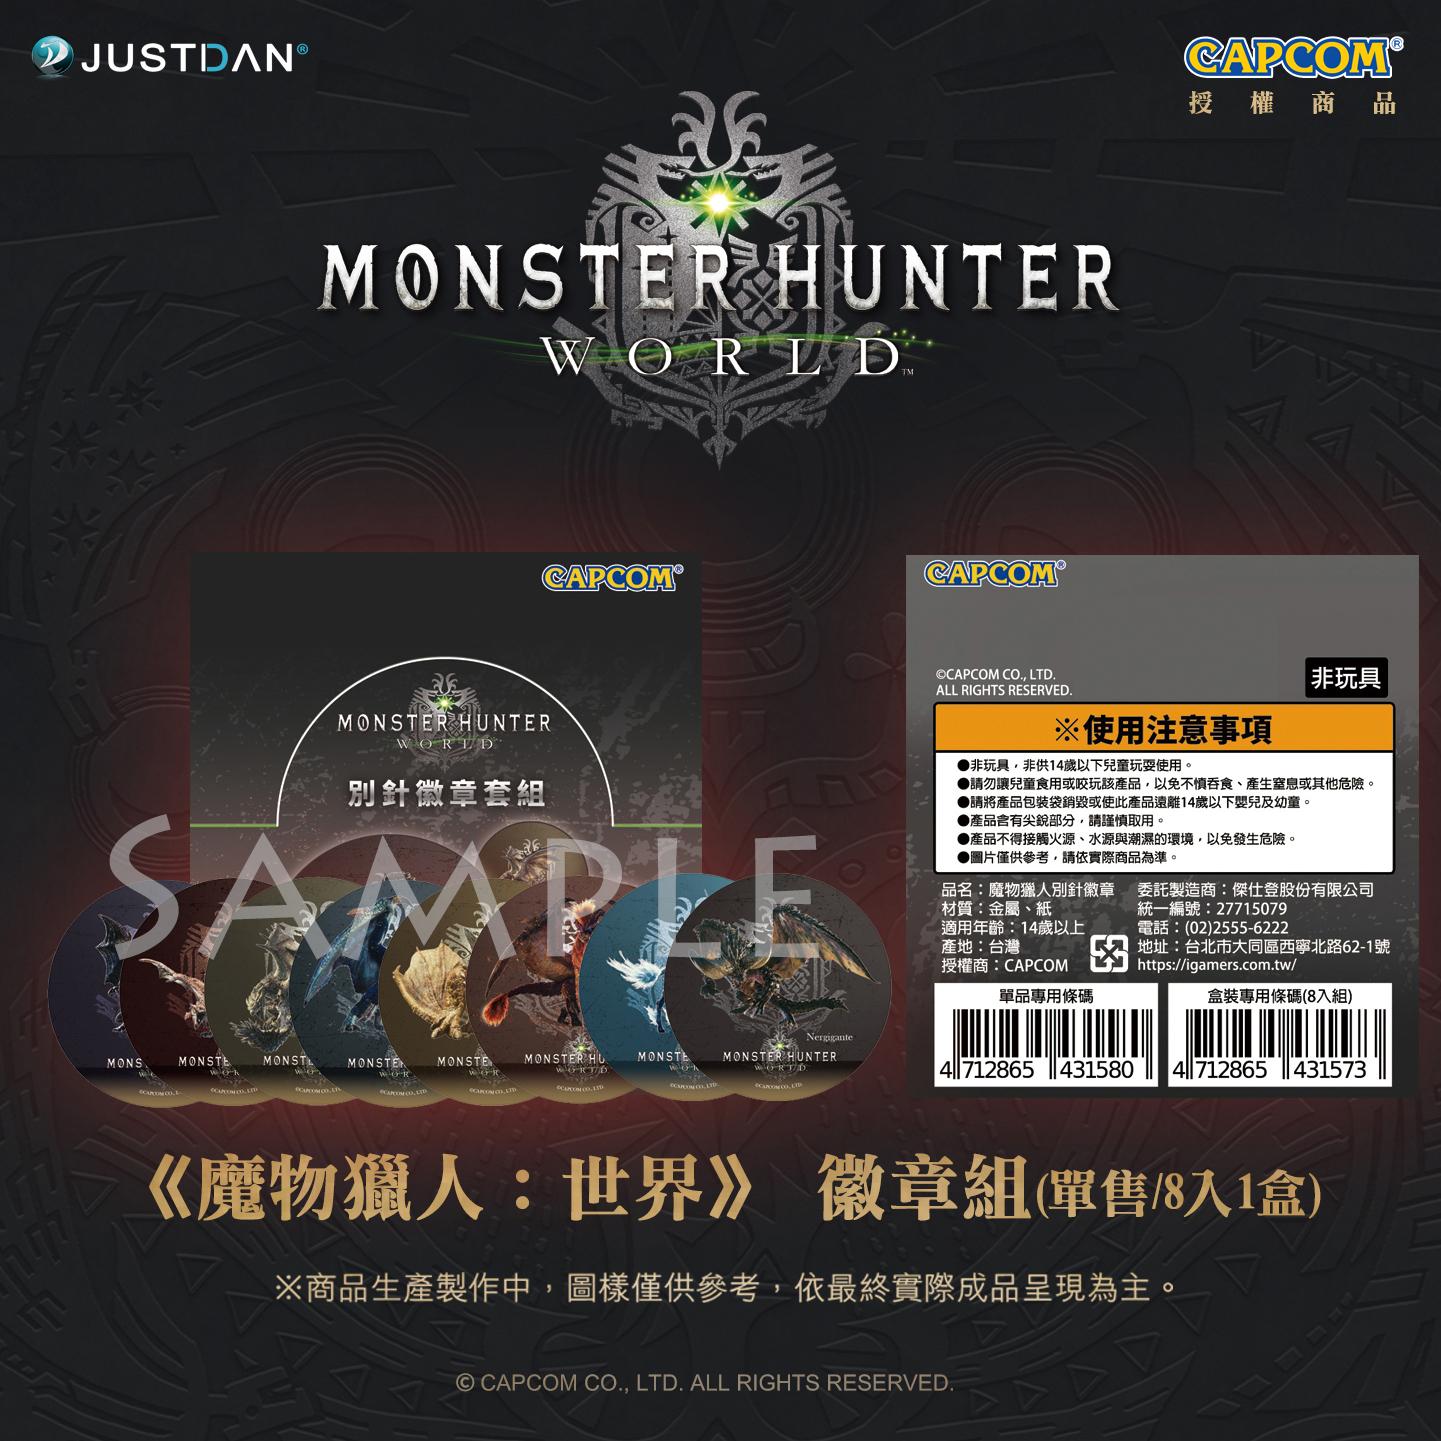 《魔物獵人 世界》/Airou from the Monster Hunter系列台灣獨家周邊,第一彈正式開放預購!將於12/24火熱上市 %25E9%25AD%2594%25E7%2589%25A9%25E7%258D%25B5%25E4%25BA%25BA%25E5%25BE%25BD%25E7%25AB%25A0%25E7%25B5%2584